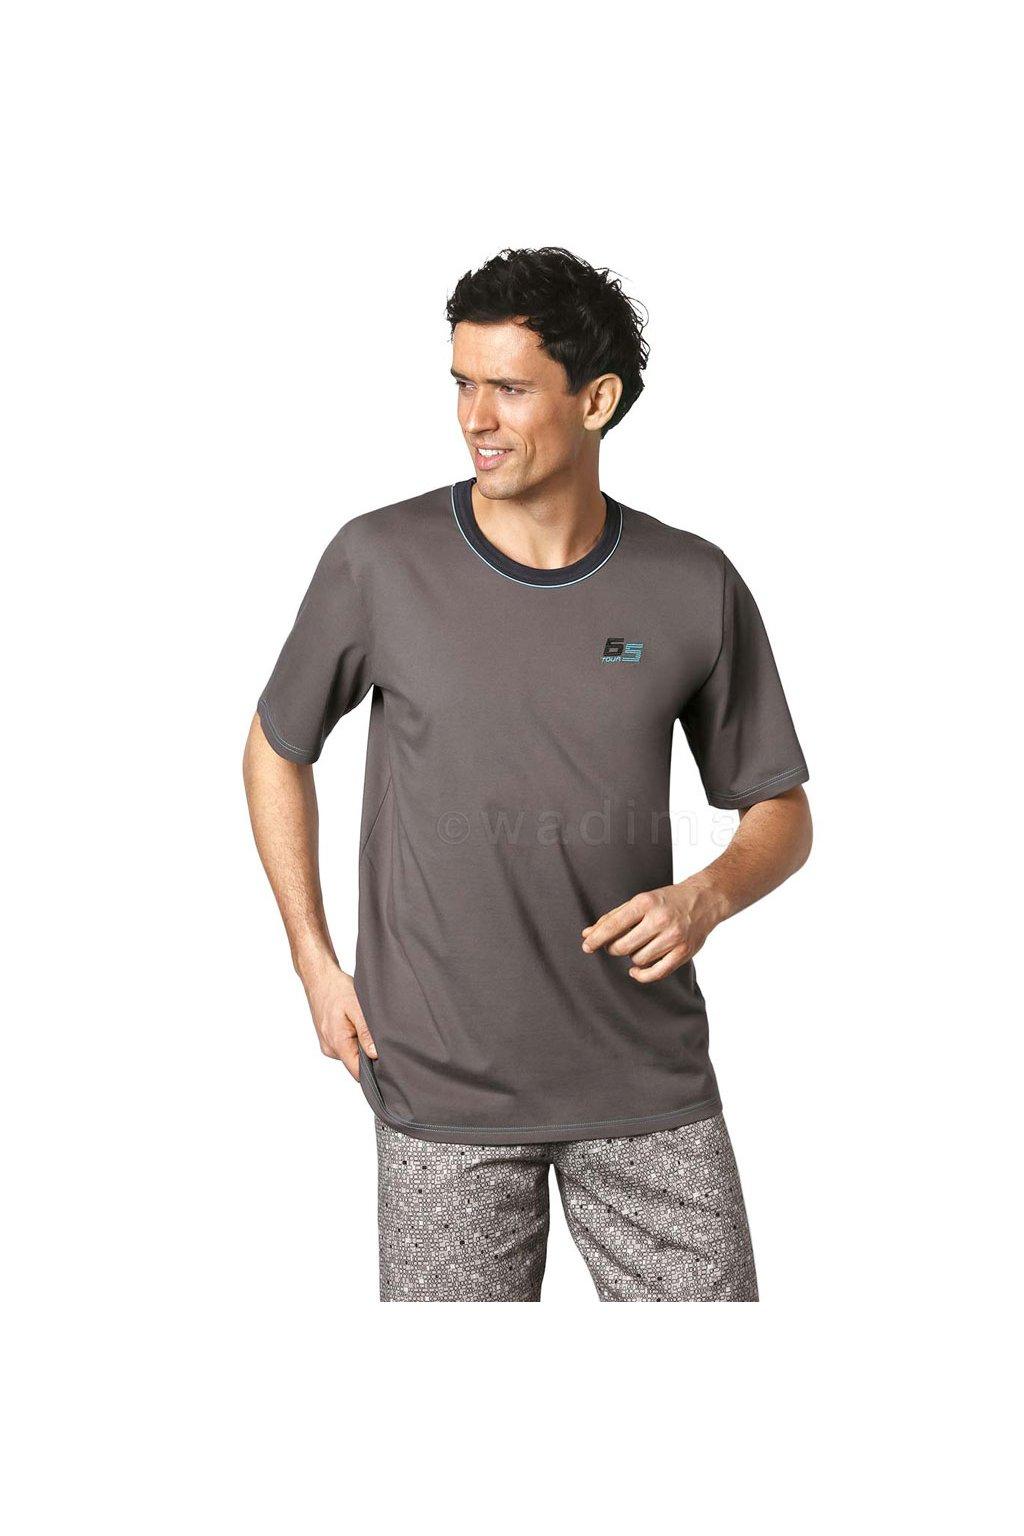 Pánské pyžamo s krátkým rukávem, 20476 107, šedá